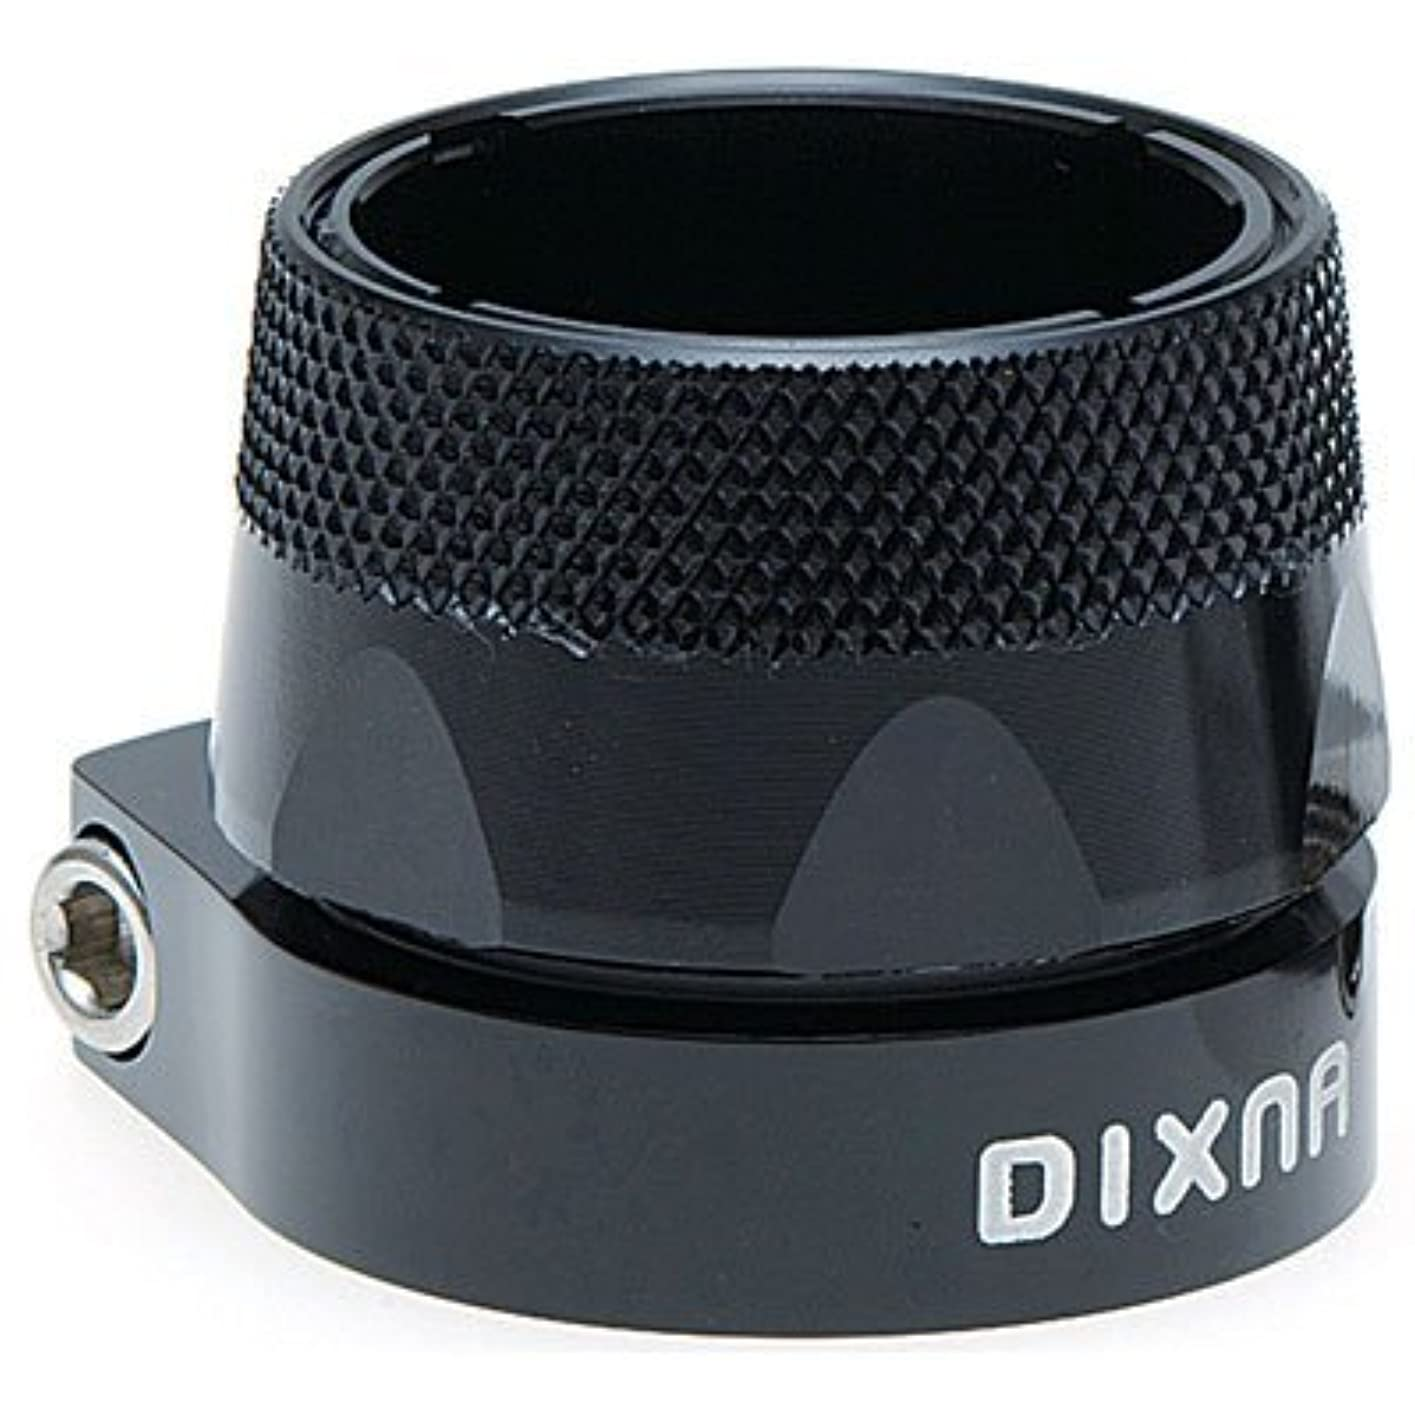 分解するまともな北極圏DIXNA(ディズナ) スクイージングシートクランプ カラー/シートポスト/フレーム ブラック/27.2mm/31.8mm V23P023 ブラック